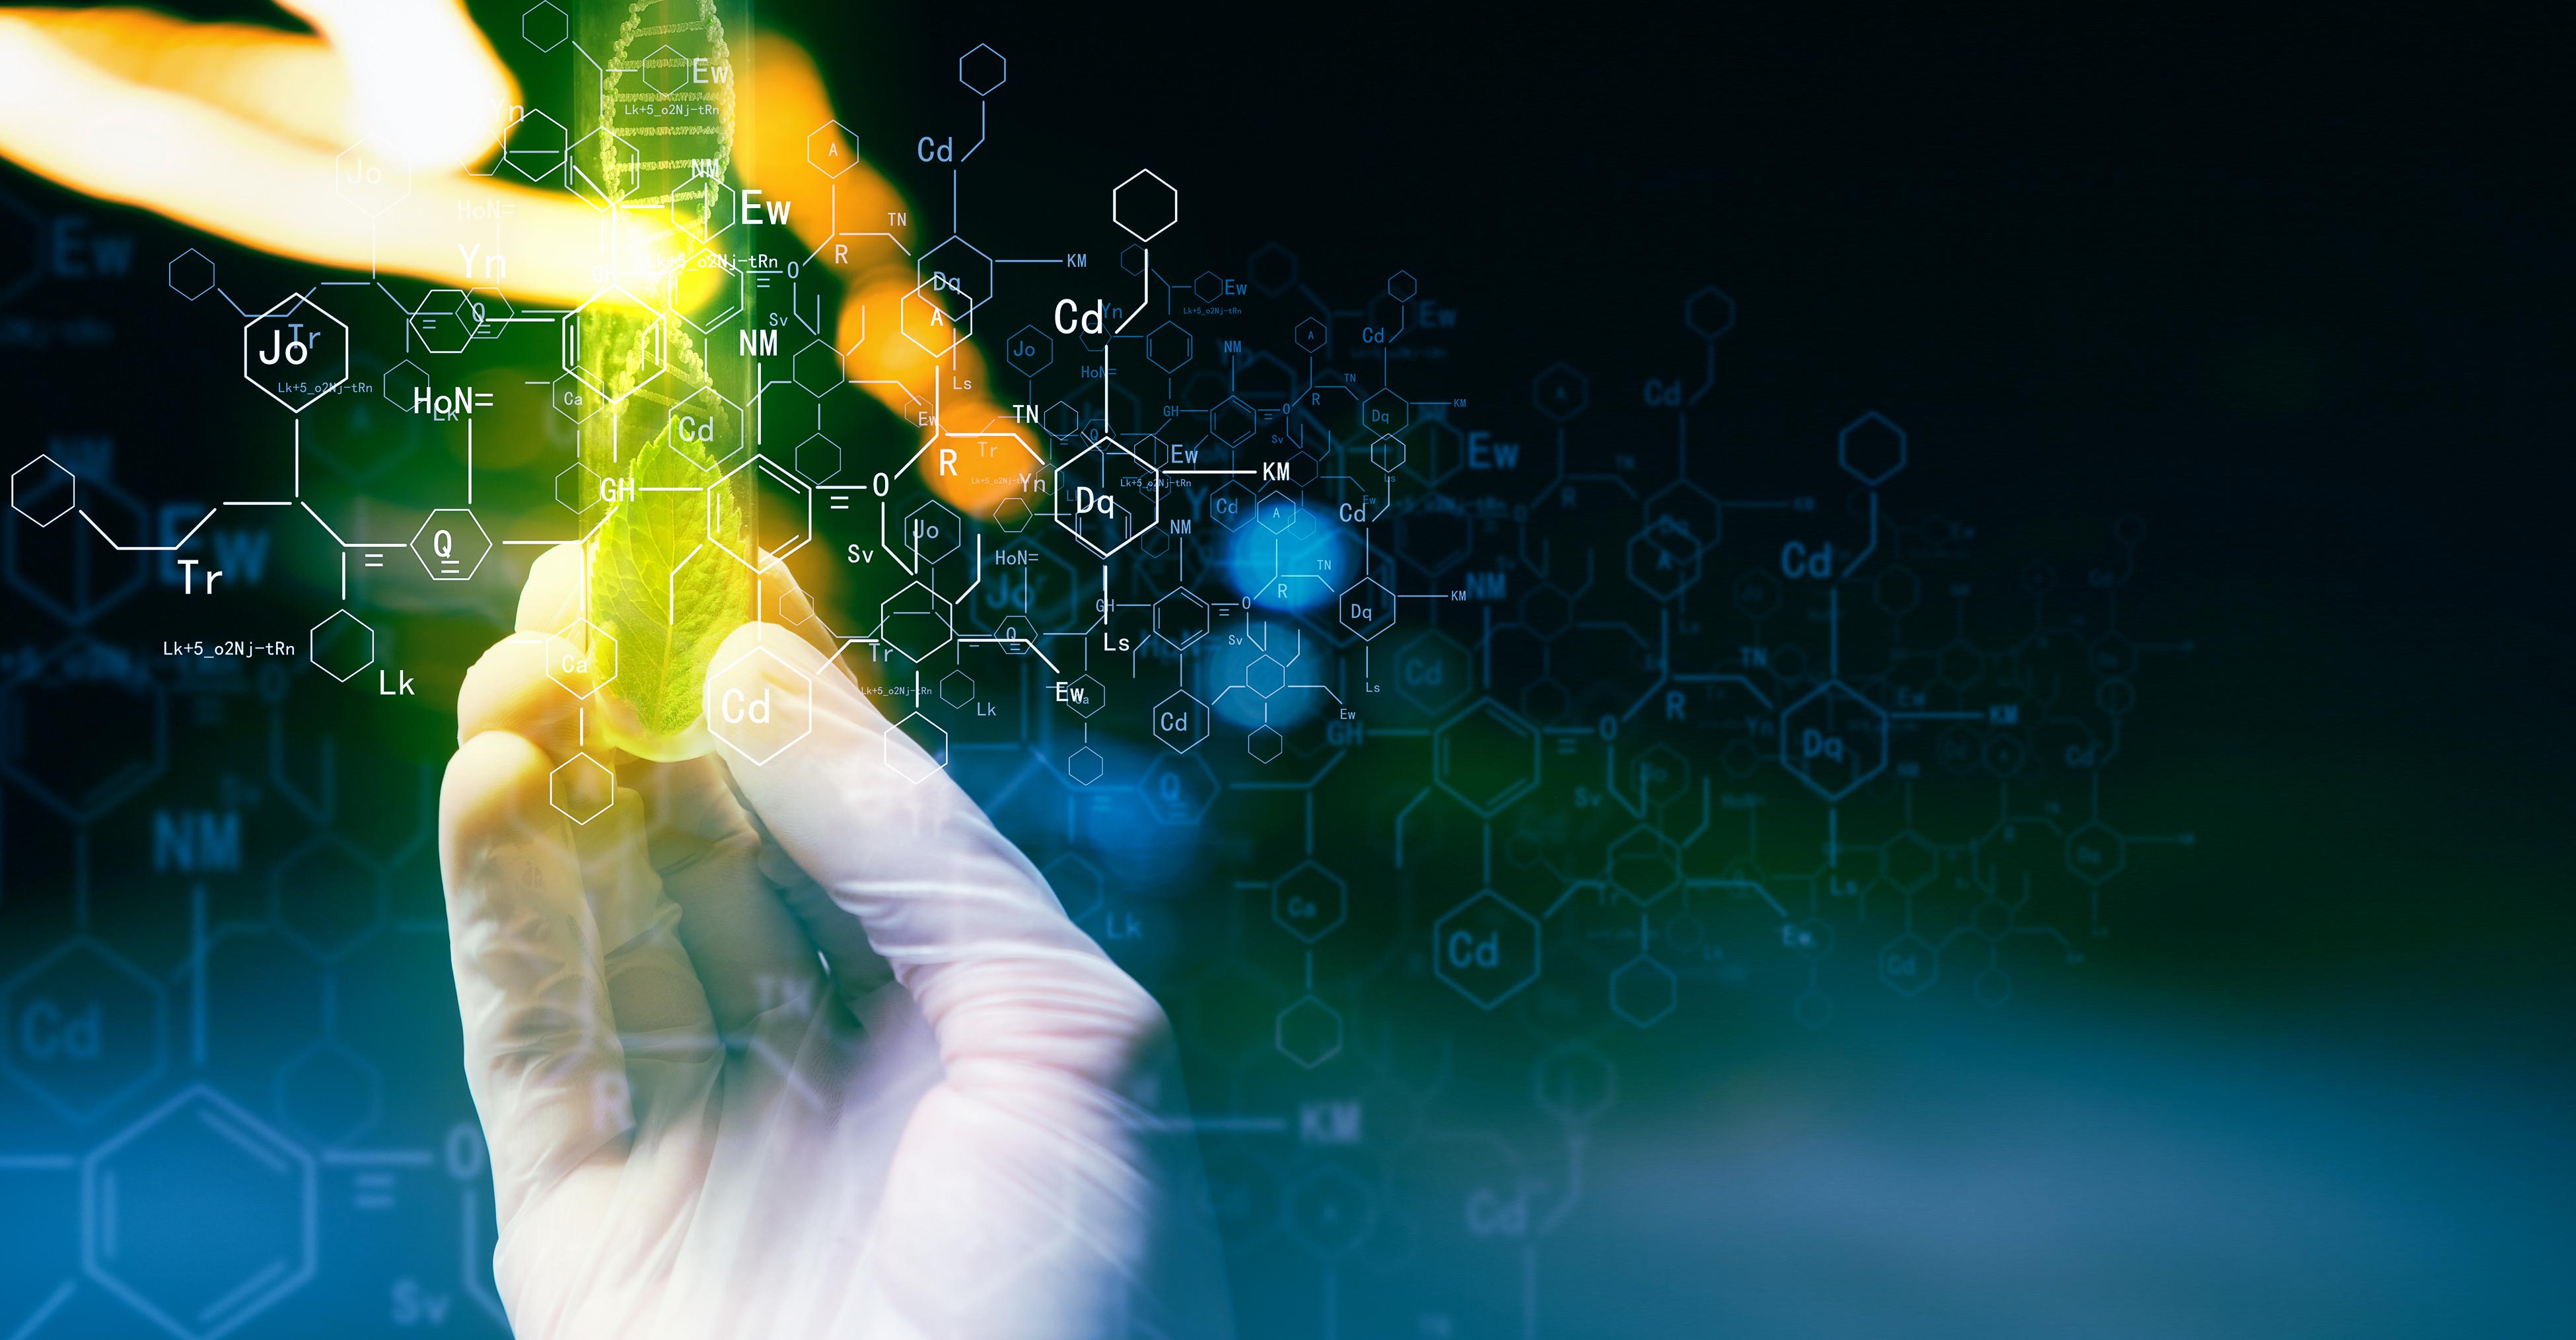 Better Buy: Biogen vs. Gilead Sciences